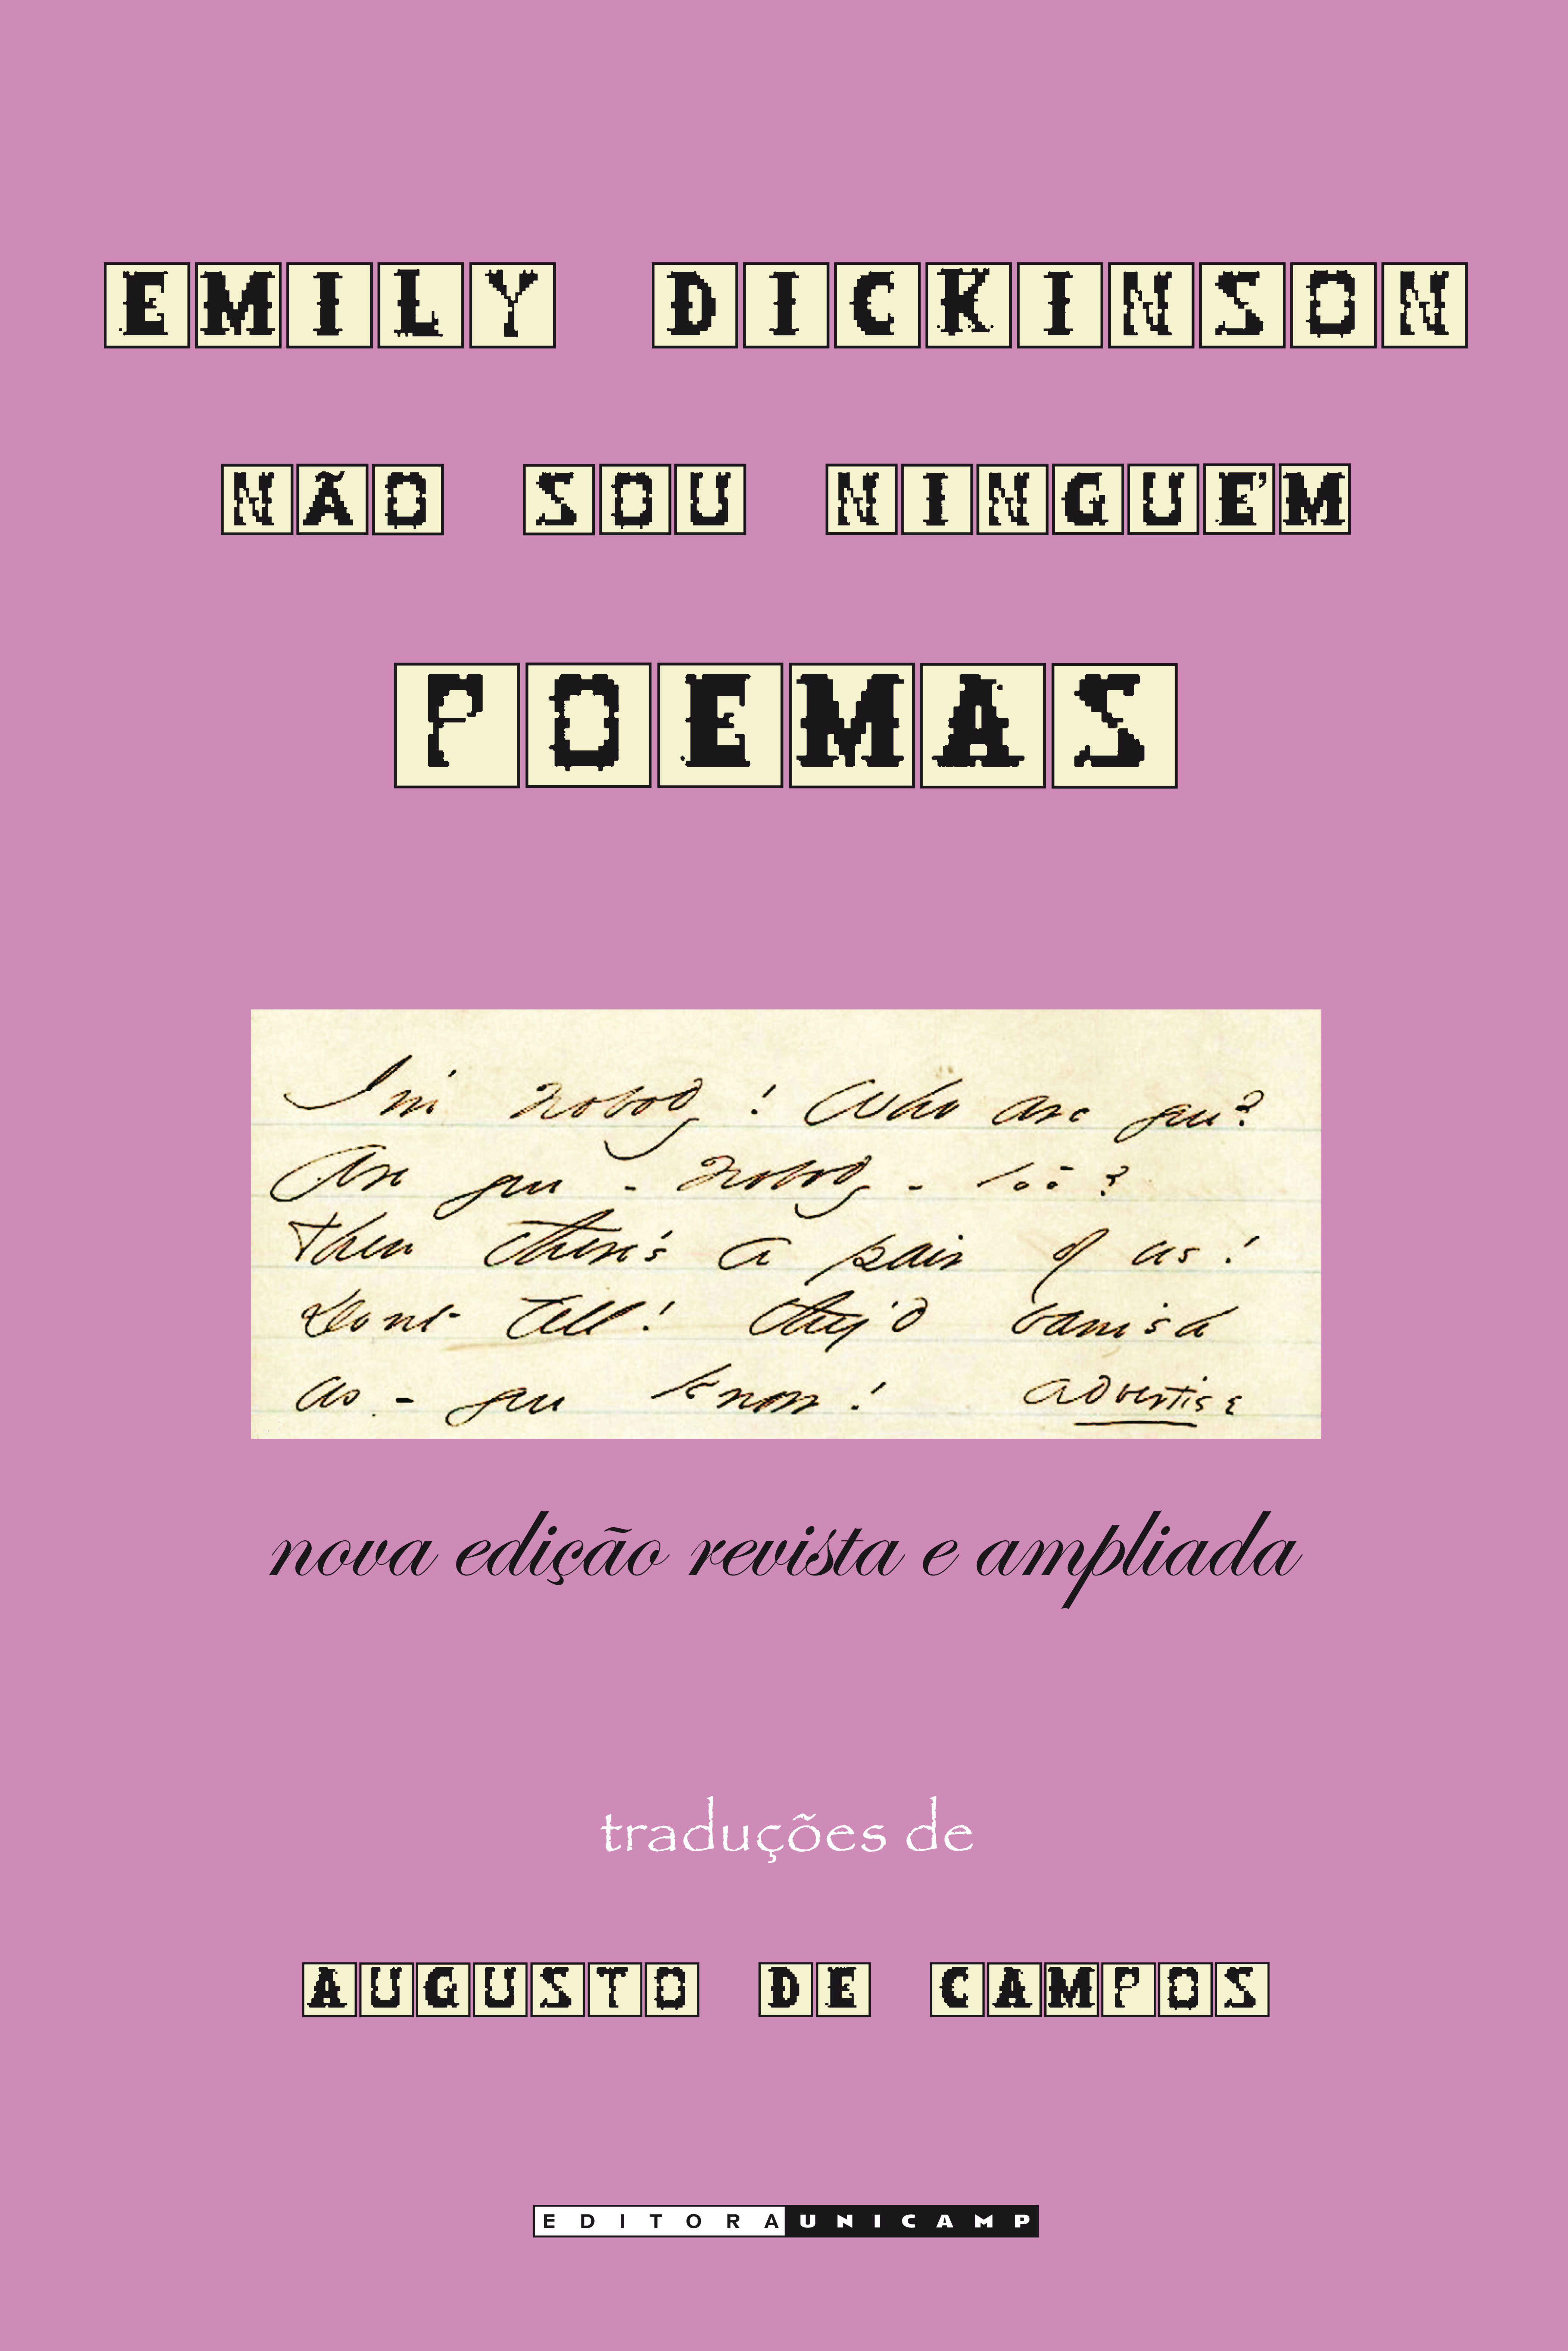 Emily Dickinson: Não sou ninguém, livro de Augusto de Campos